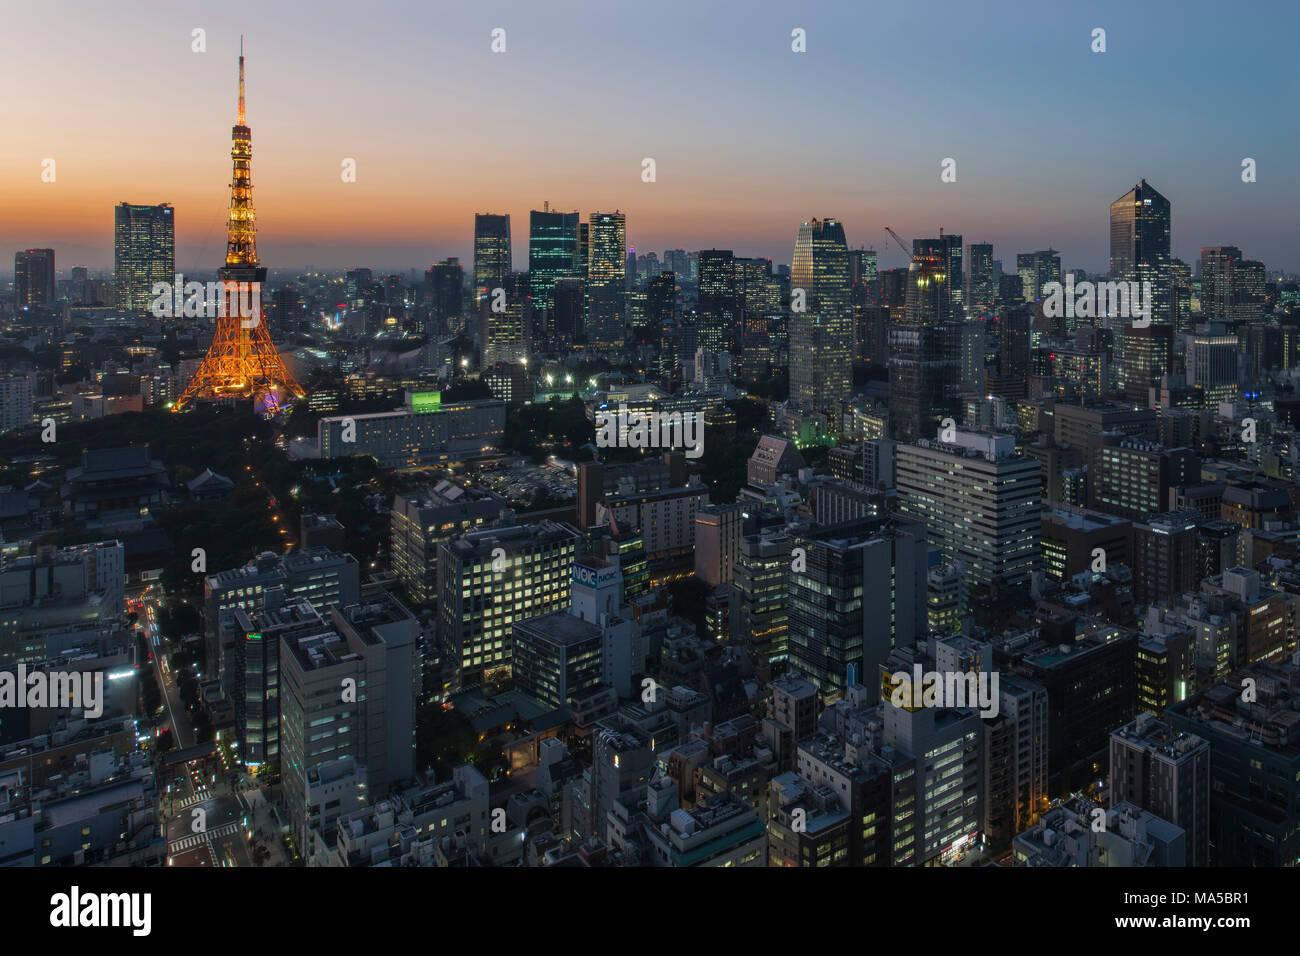 Asien, Japan, Nihon, Nippon, Tokyo, Stadt Übersicht, der Hamamatsucho Stadion, Ansicht von Tokyo World Trade Center Stockbild